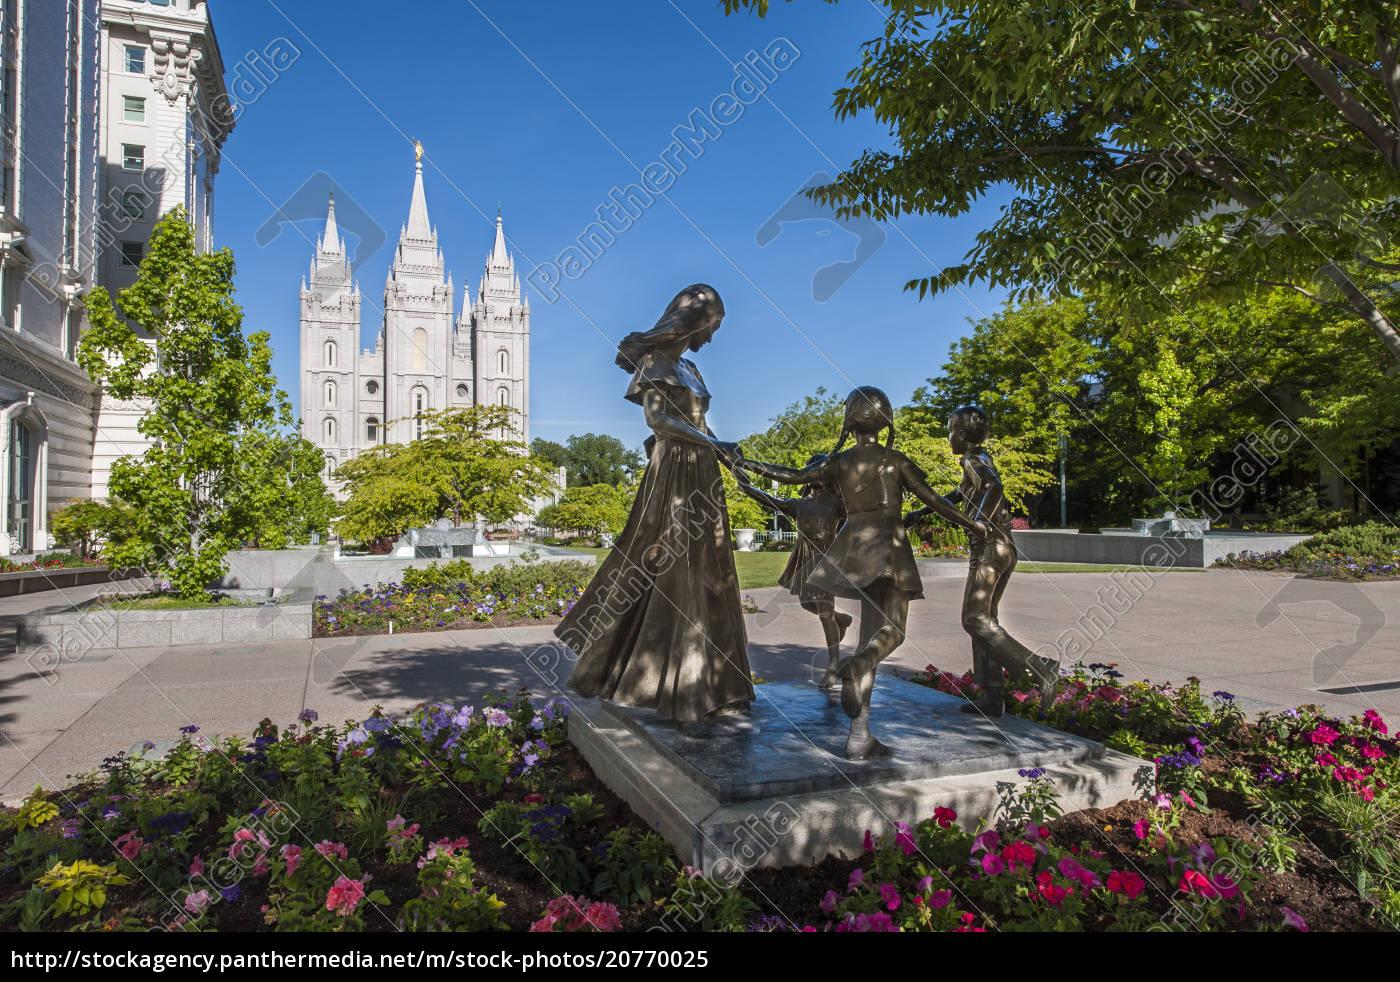 estátua, alegre, do, momento, quadrado, do, templo, salt - 20770025